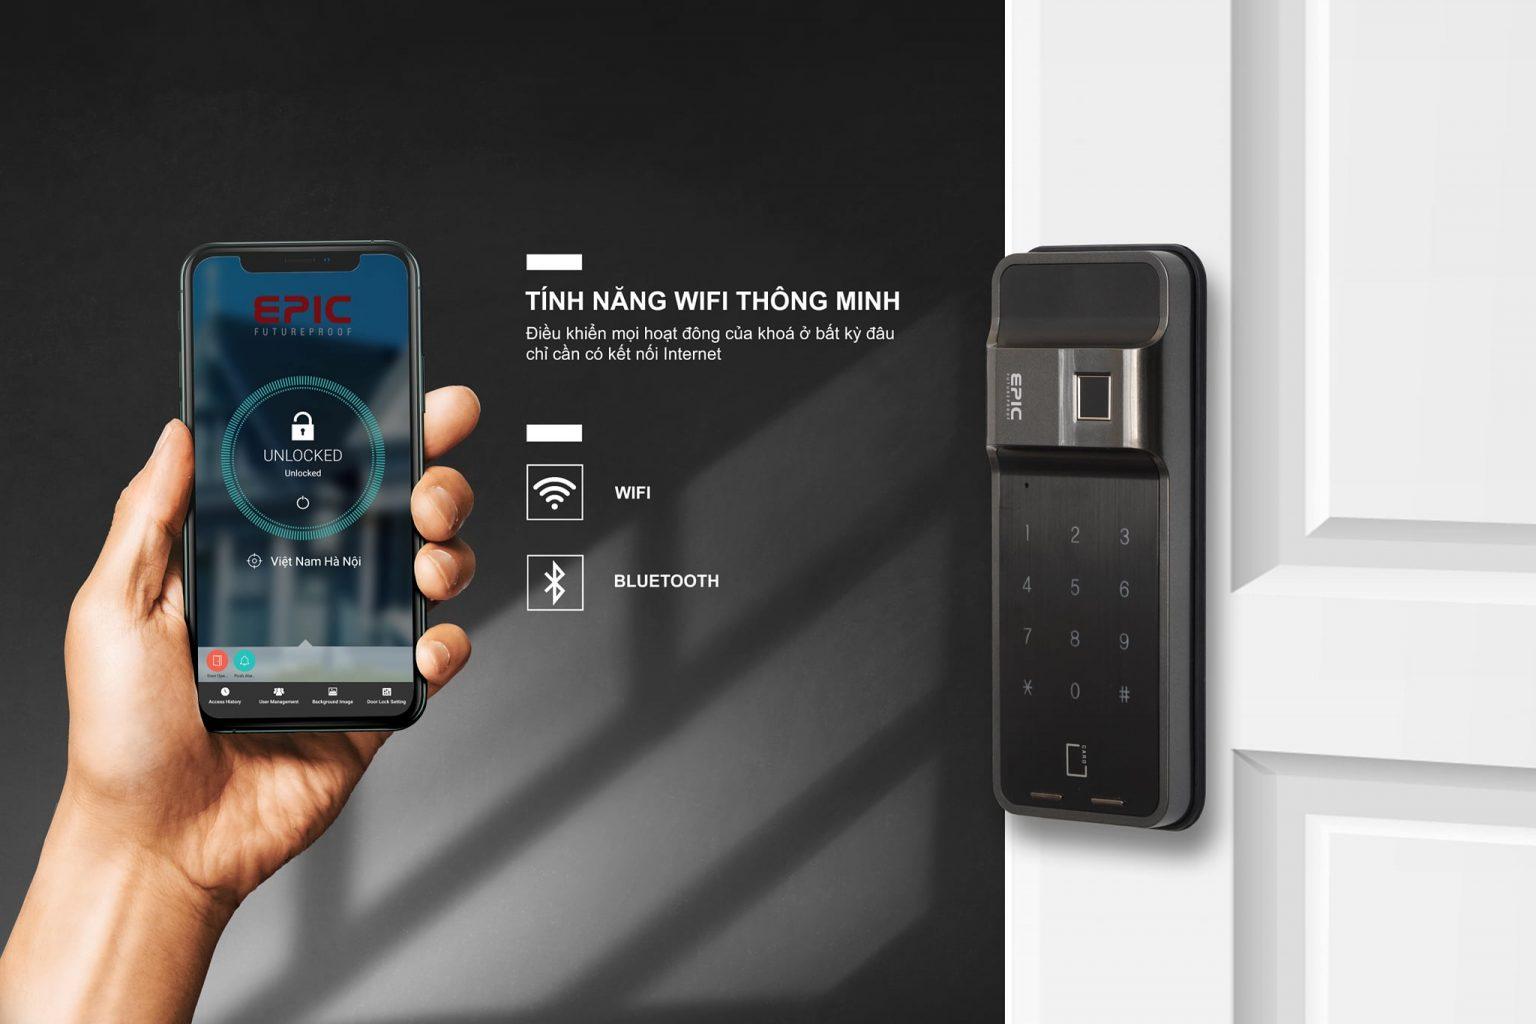 Khóa điện tử Epic ES F500 H- Tính năng wifi